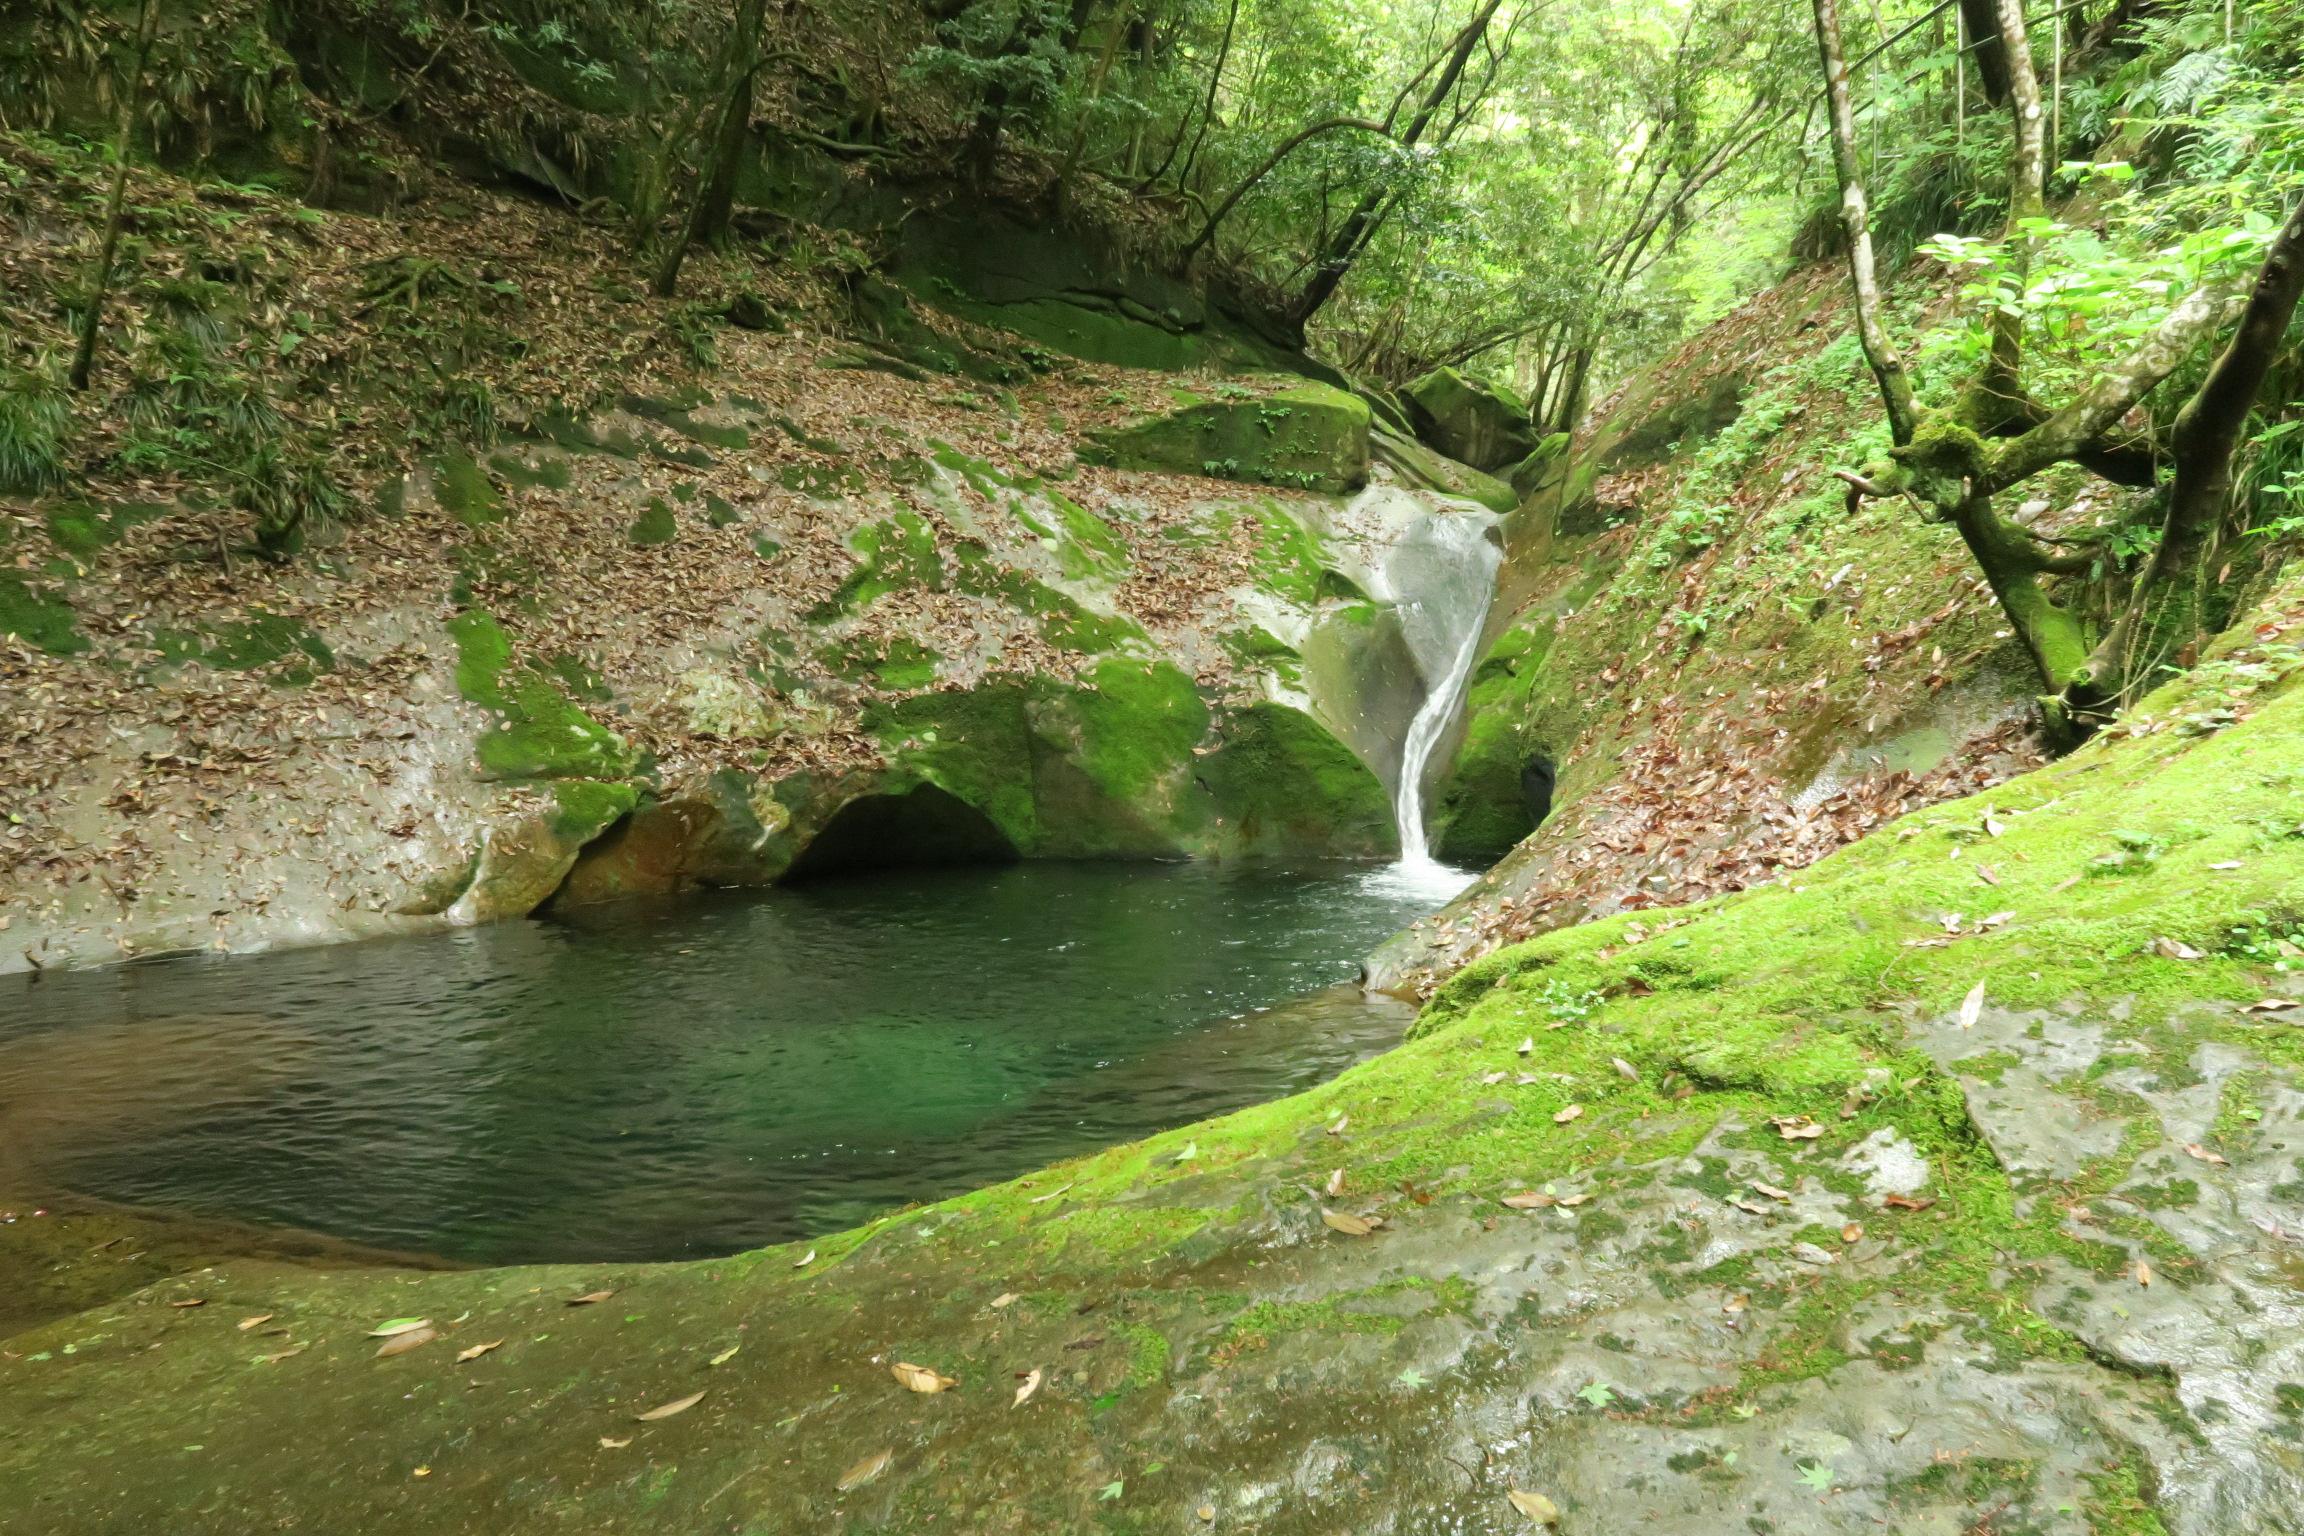 降りていくと滝つぼがあります。夏場はここで水遊びをする人もいます。斜面は非常にすべりやすいので要注意